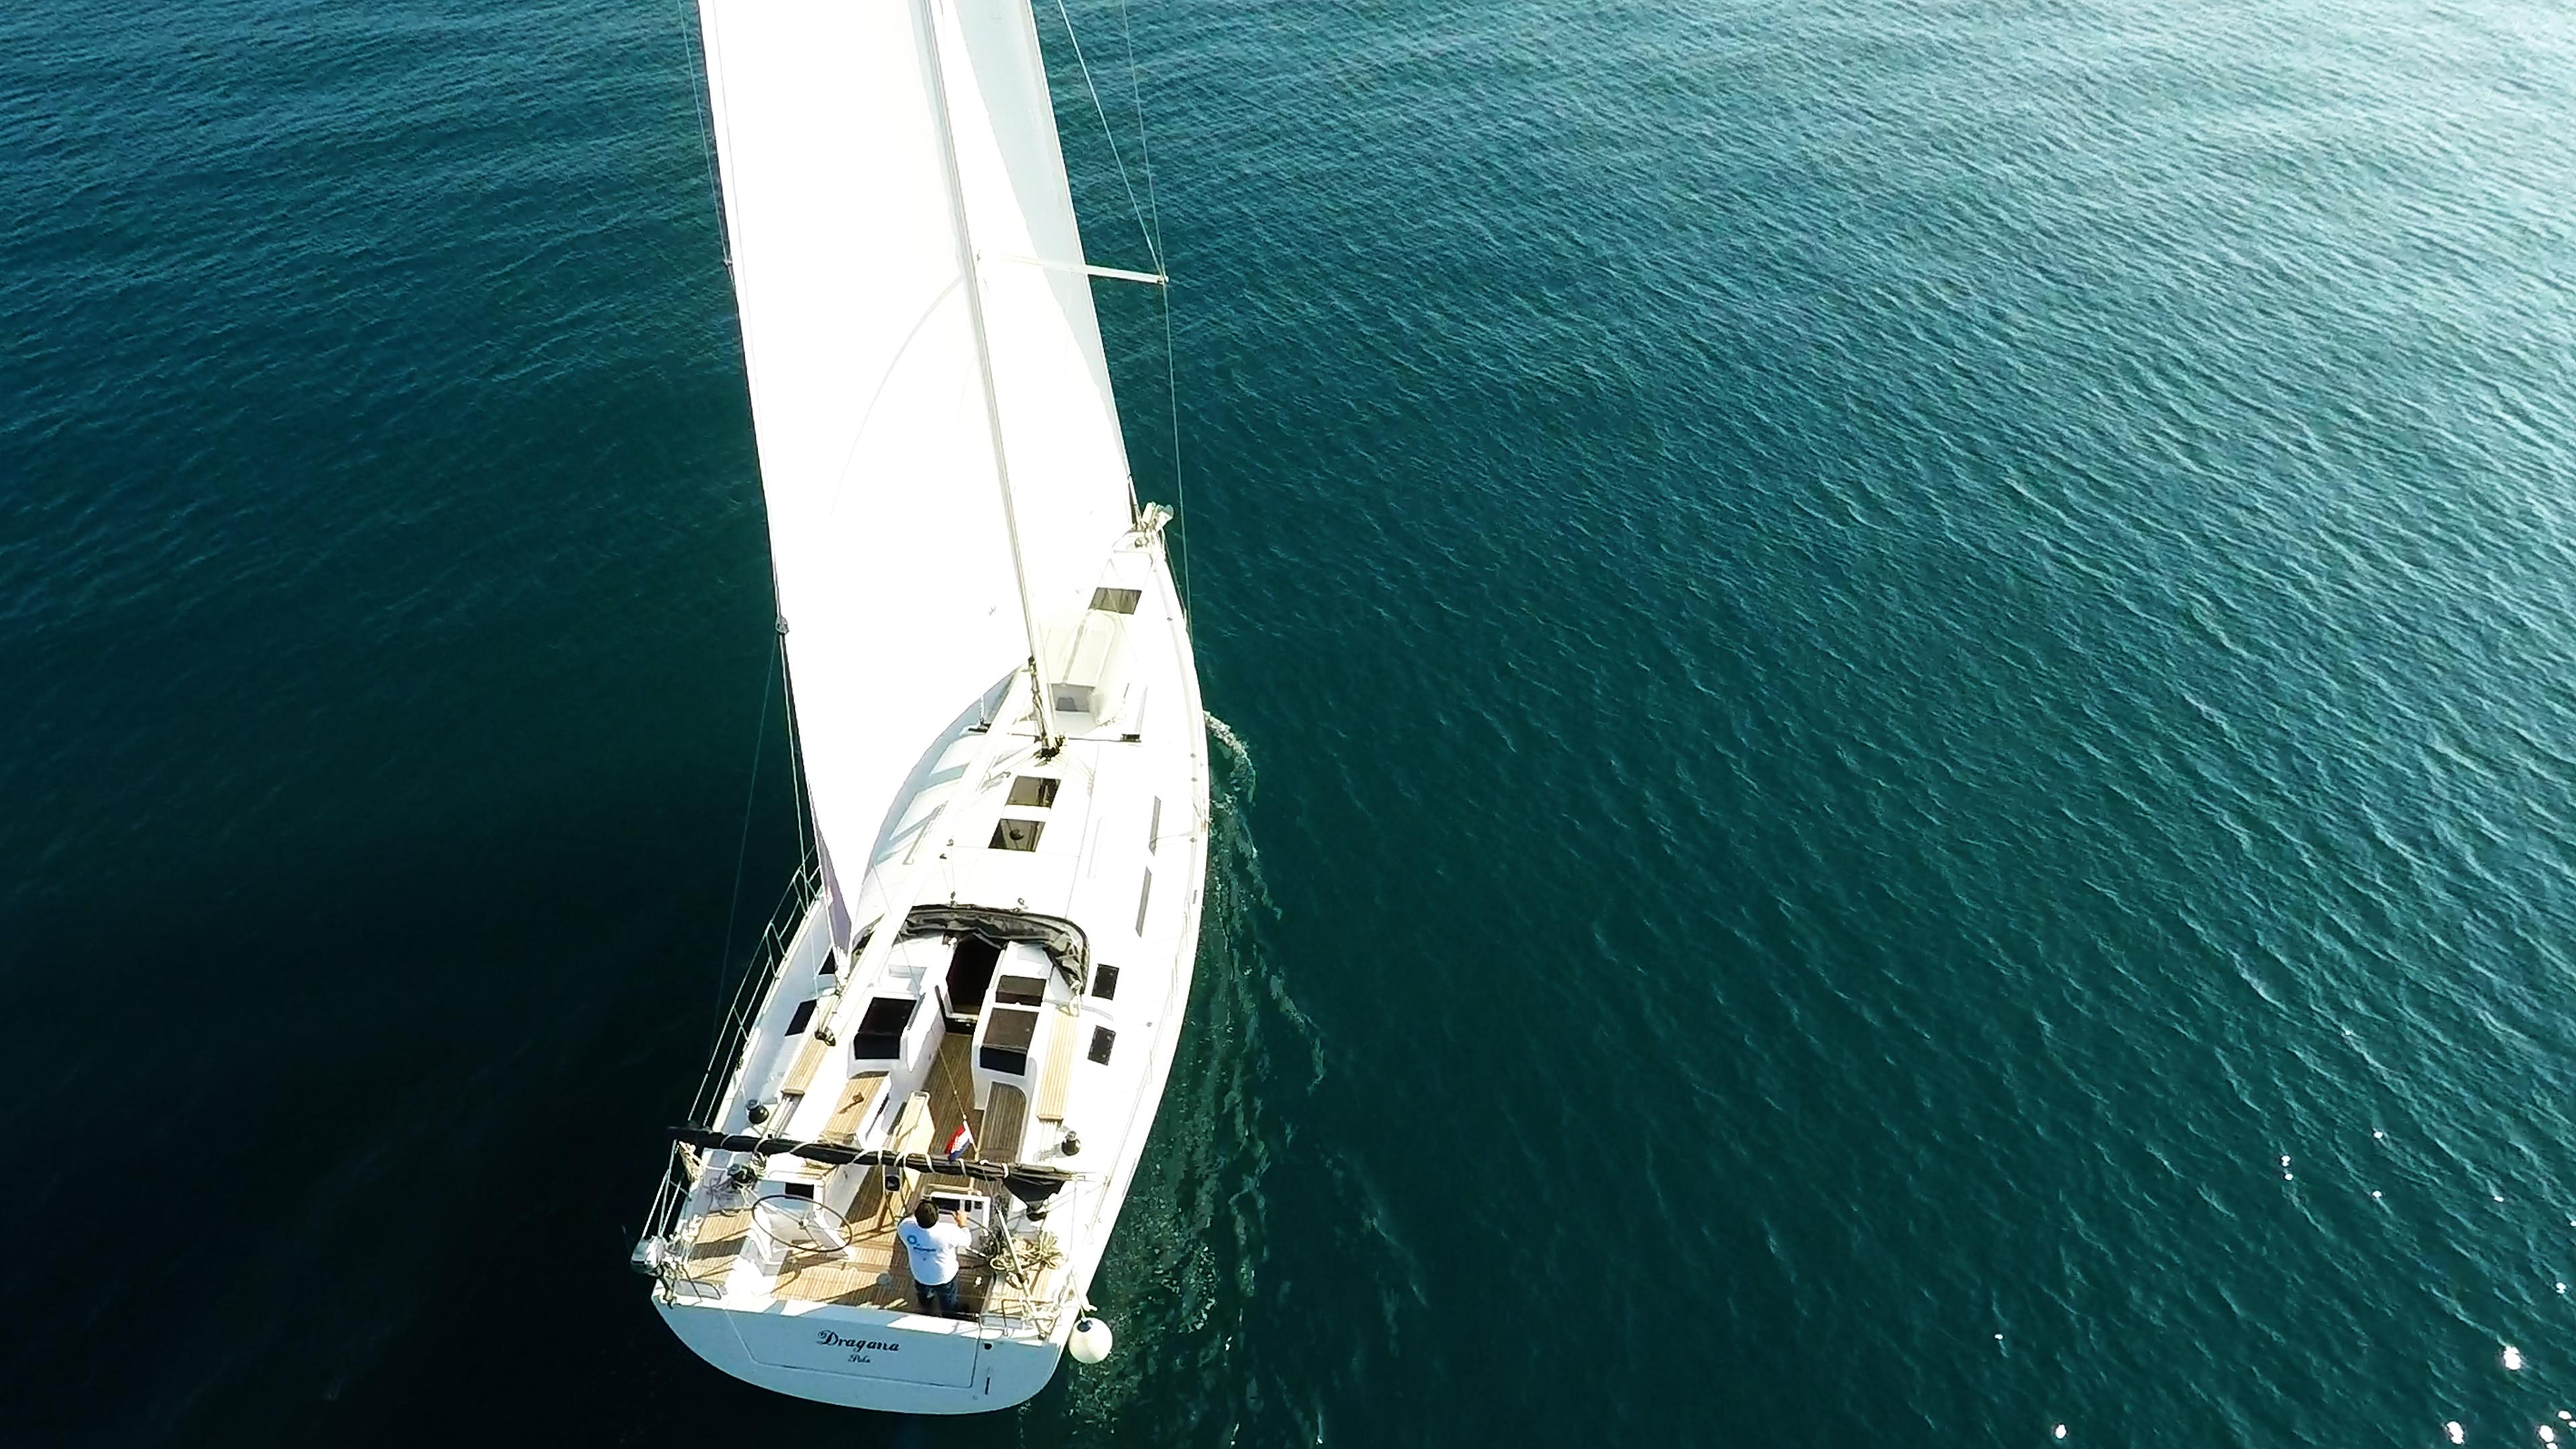 Segelyacht Hanse 505 Segelboot Deck von oben